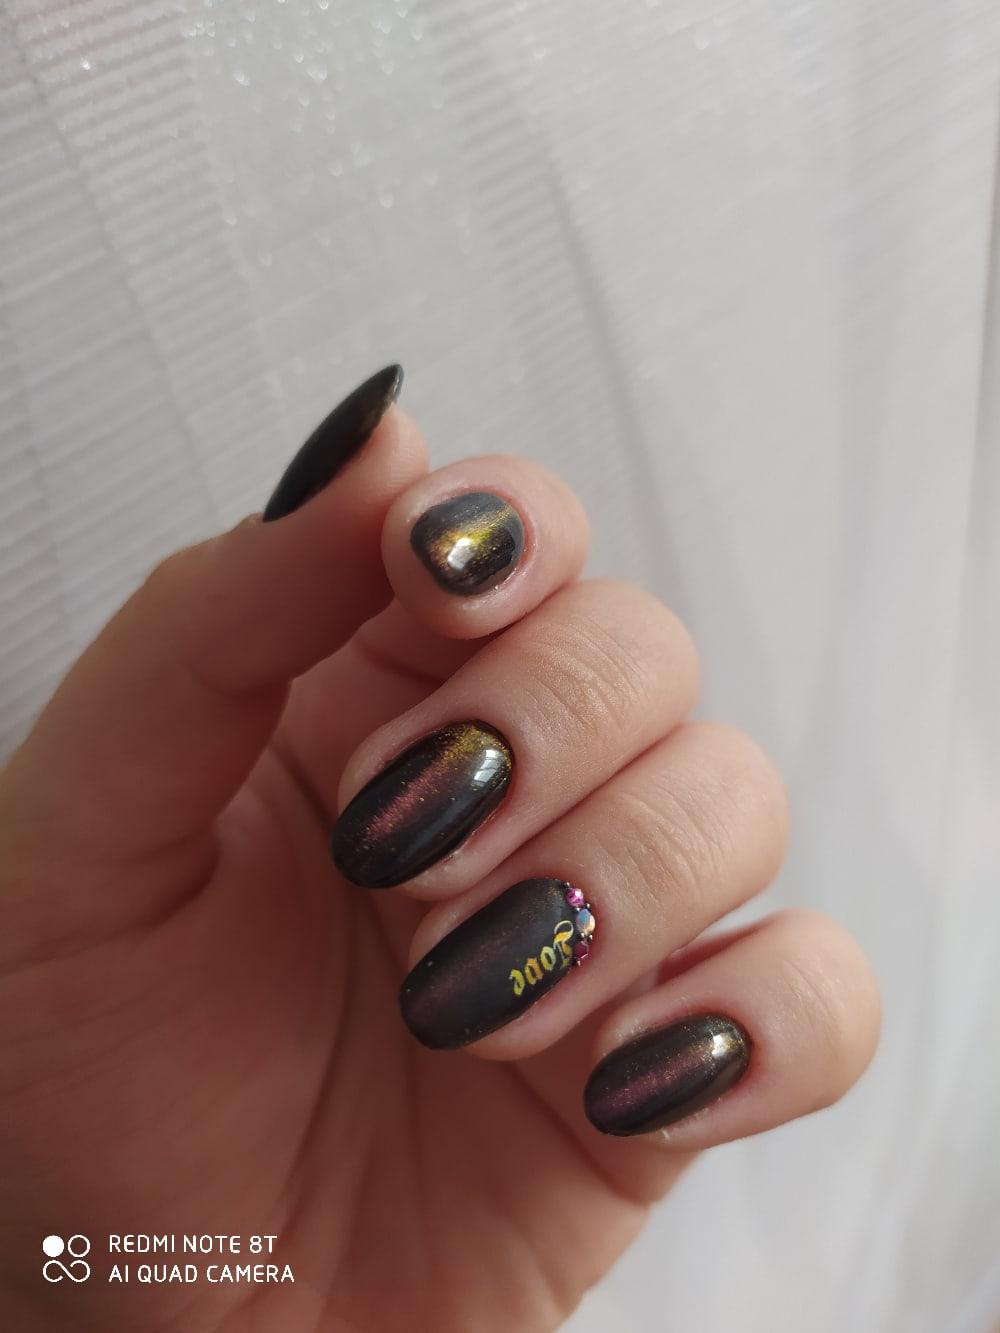 Маникюр с эффектом кошачий глаз и стразами в шоколадном цвете на короткие ногти.